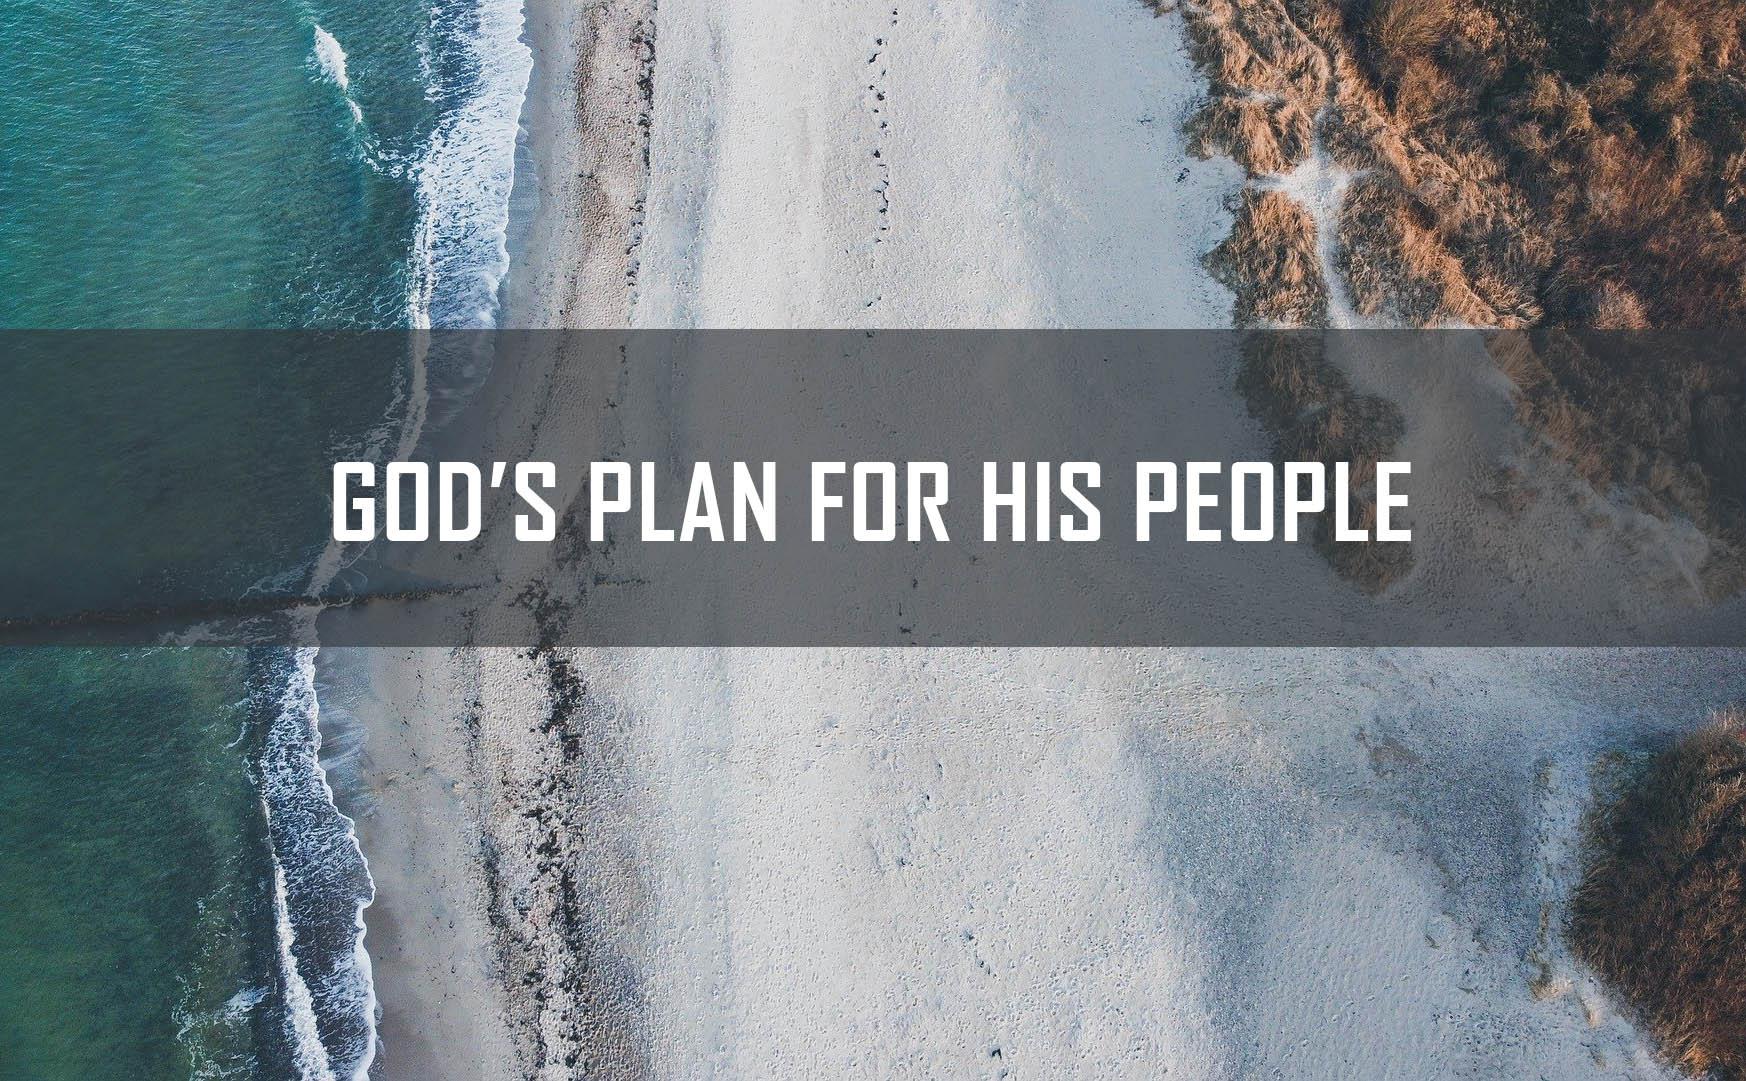 God's Plan for his People <br/> Jacob K Mathai